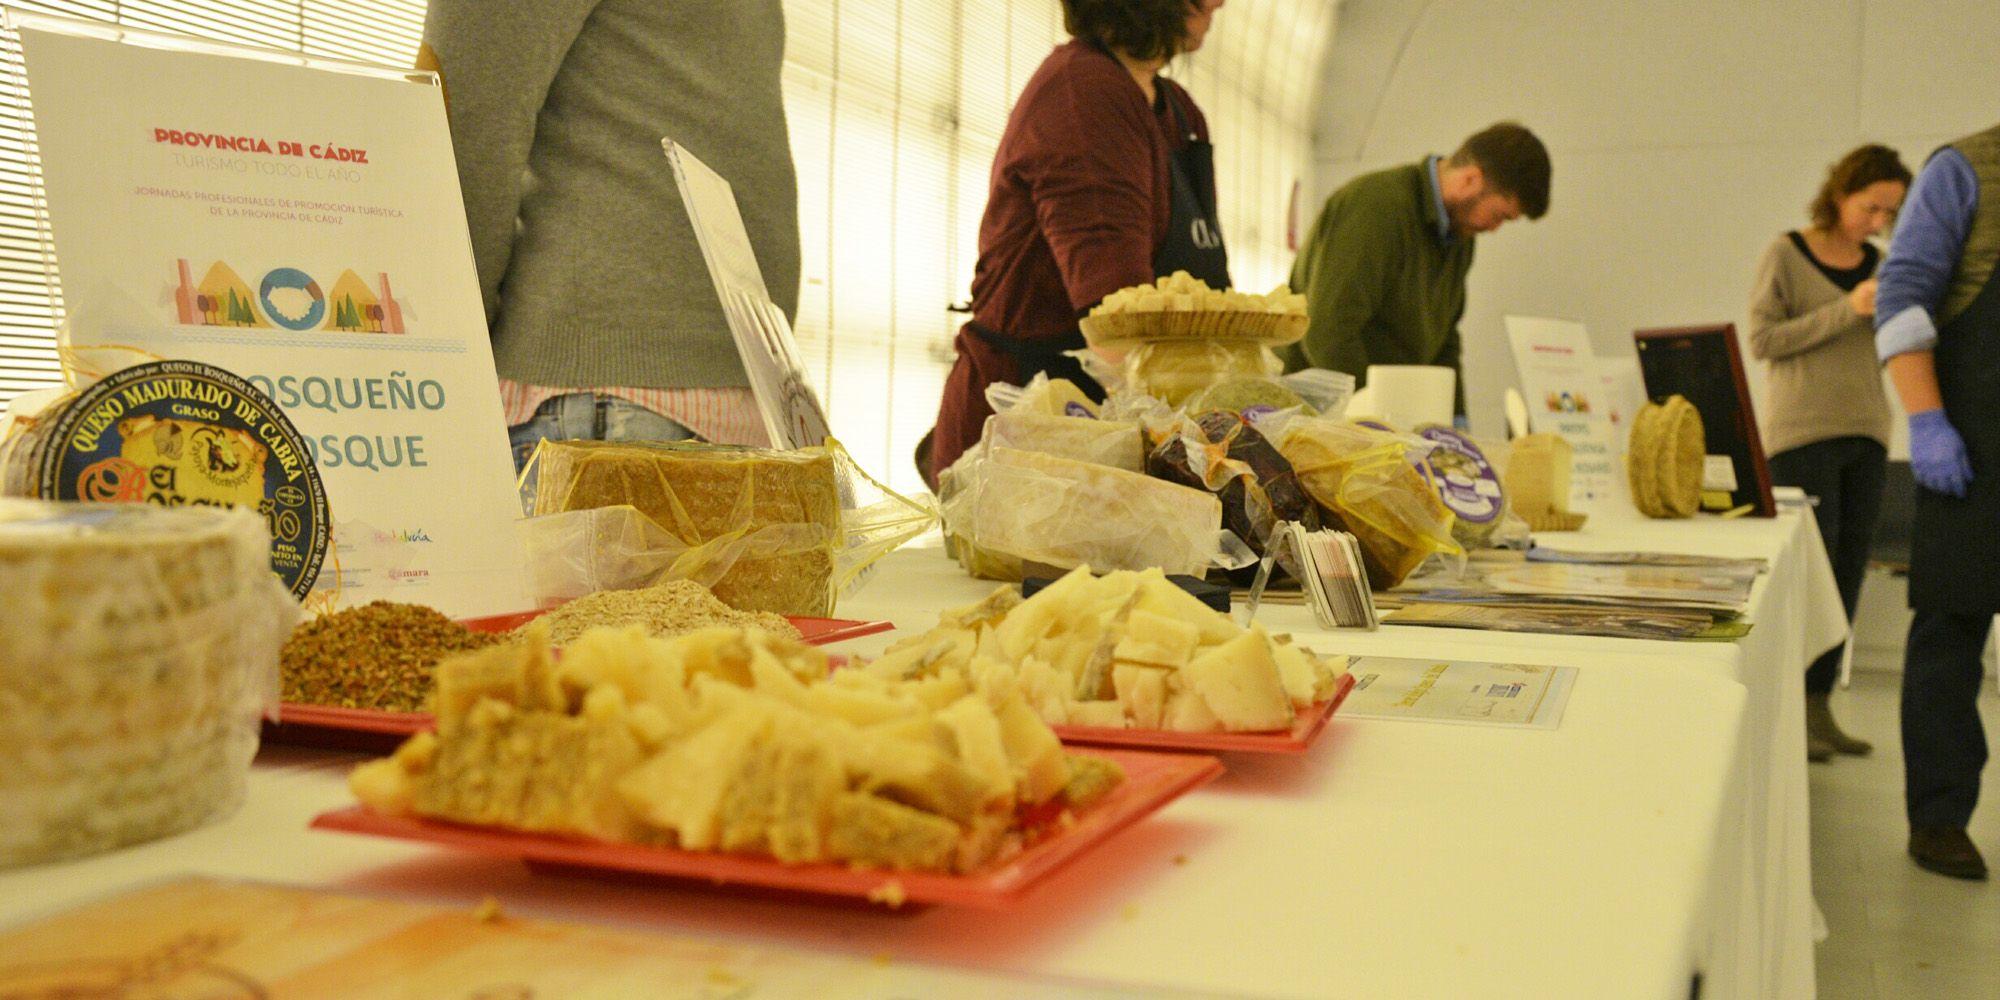 quesos-provincia-de-cadiz-en-madrid-1